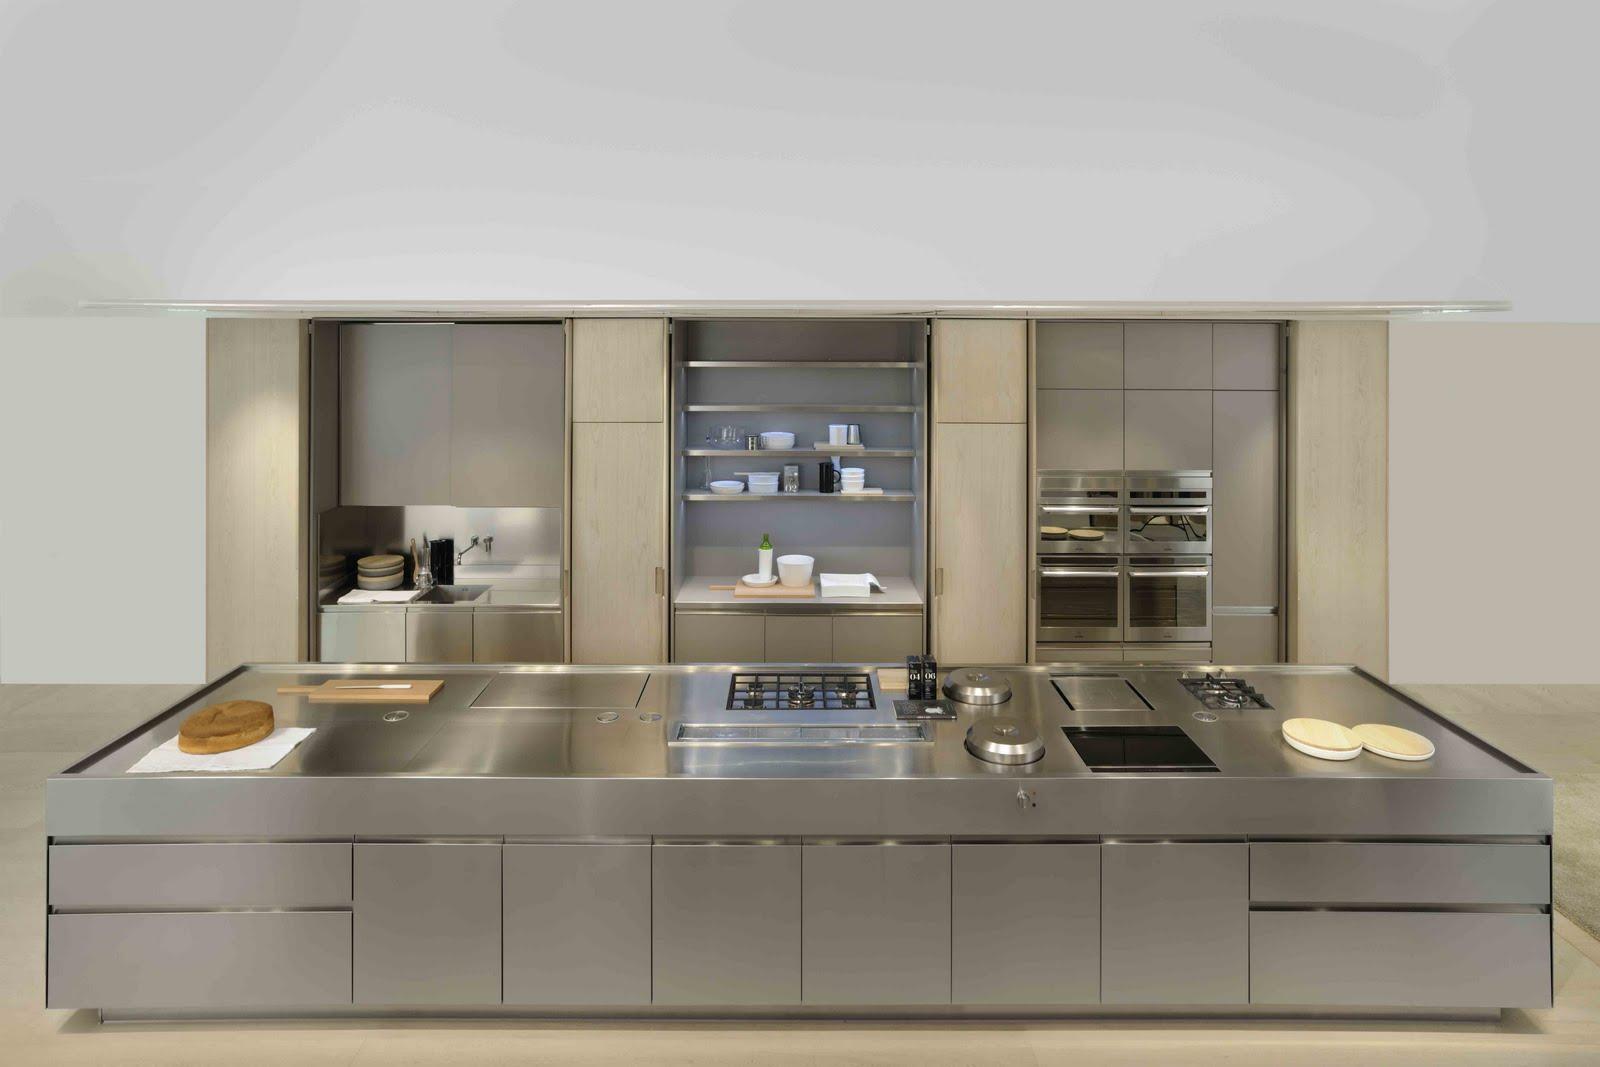 Spatia la cocina de antonio citterio para arclinea - La cocina en casa ...